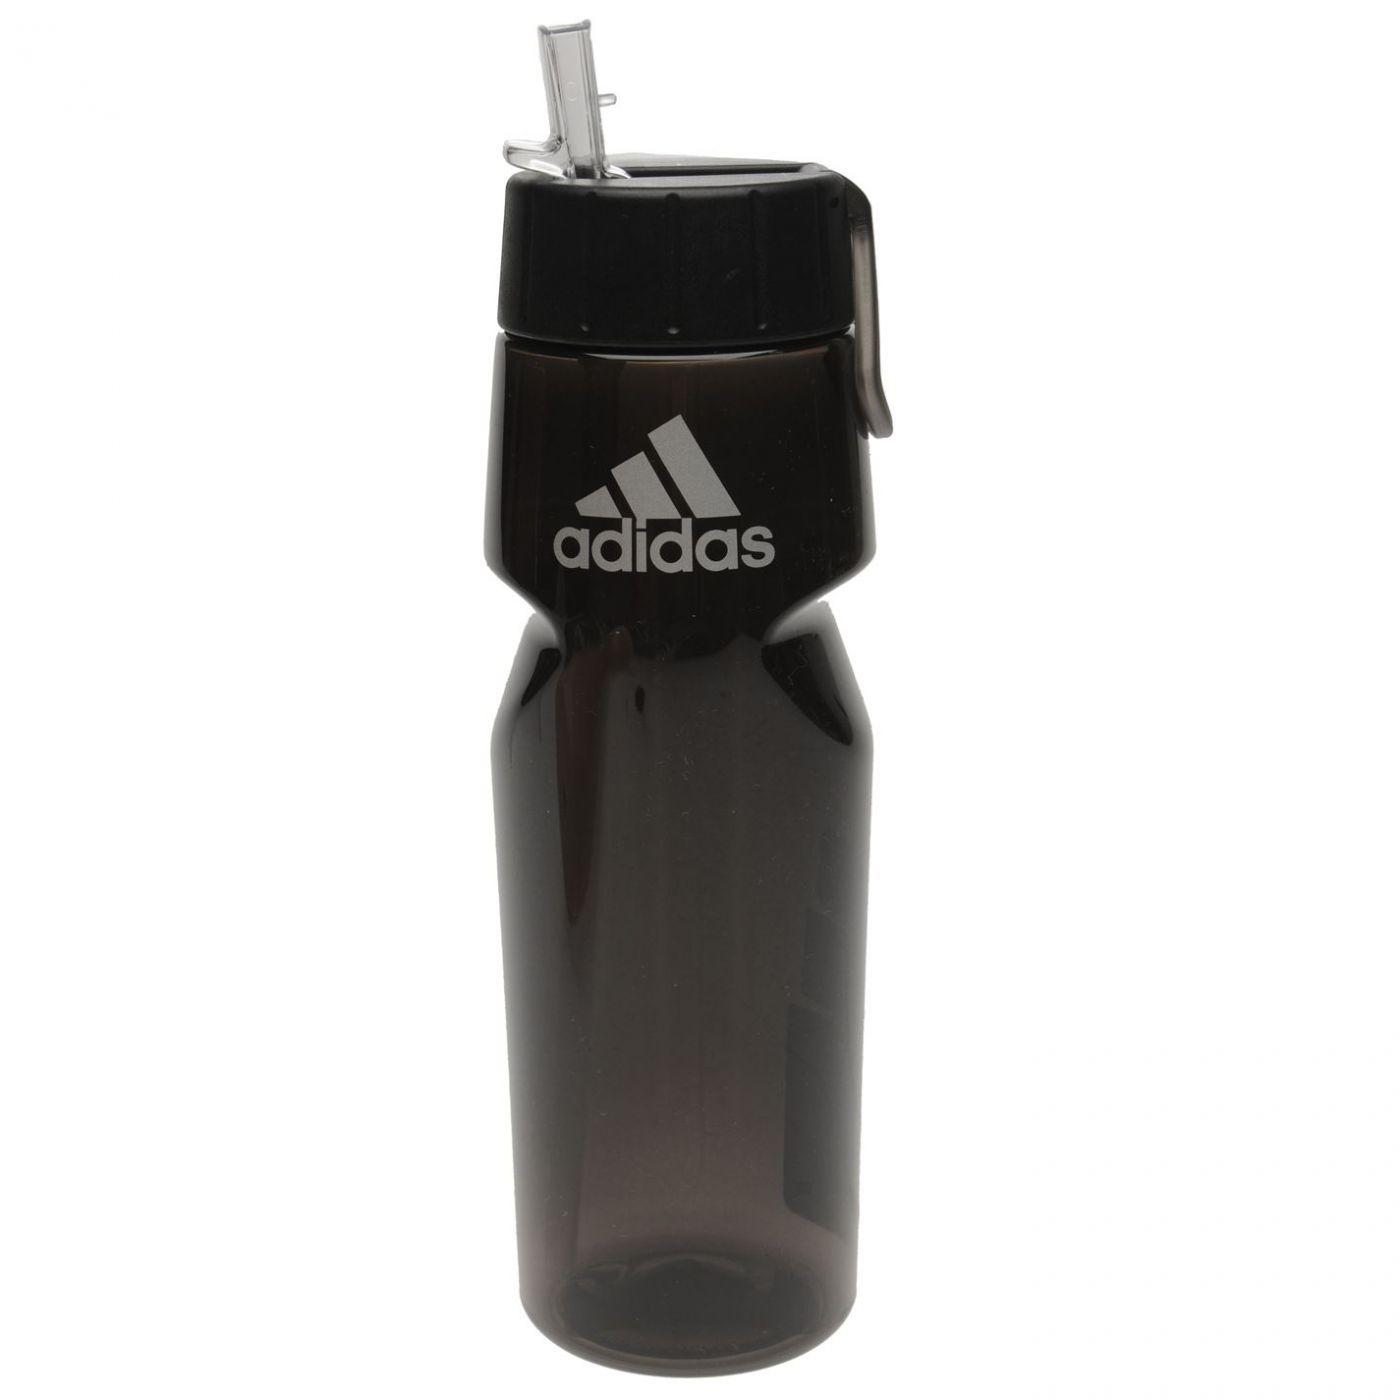 Adidas Tritan Water Bottle